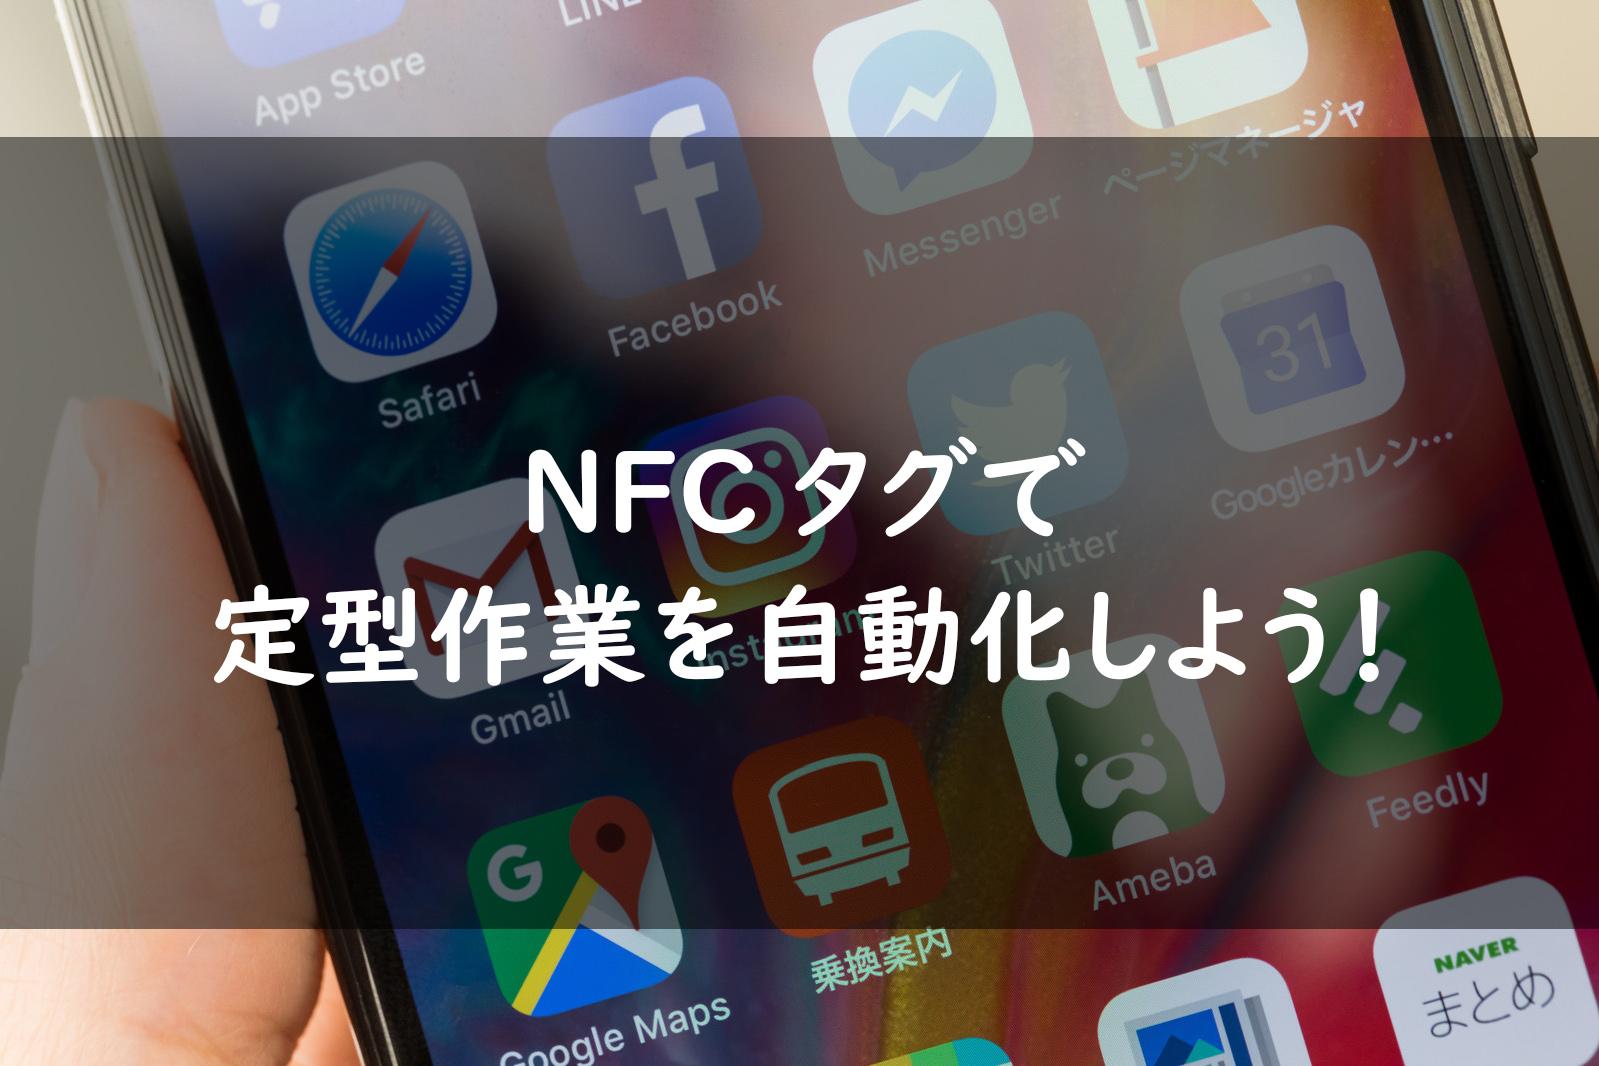 どんなことが出来る?!Android/iPhone(iOS11以降)で使えるNFCタグが便利かもしれない